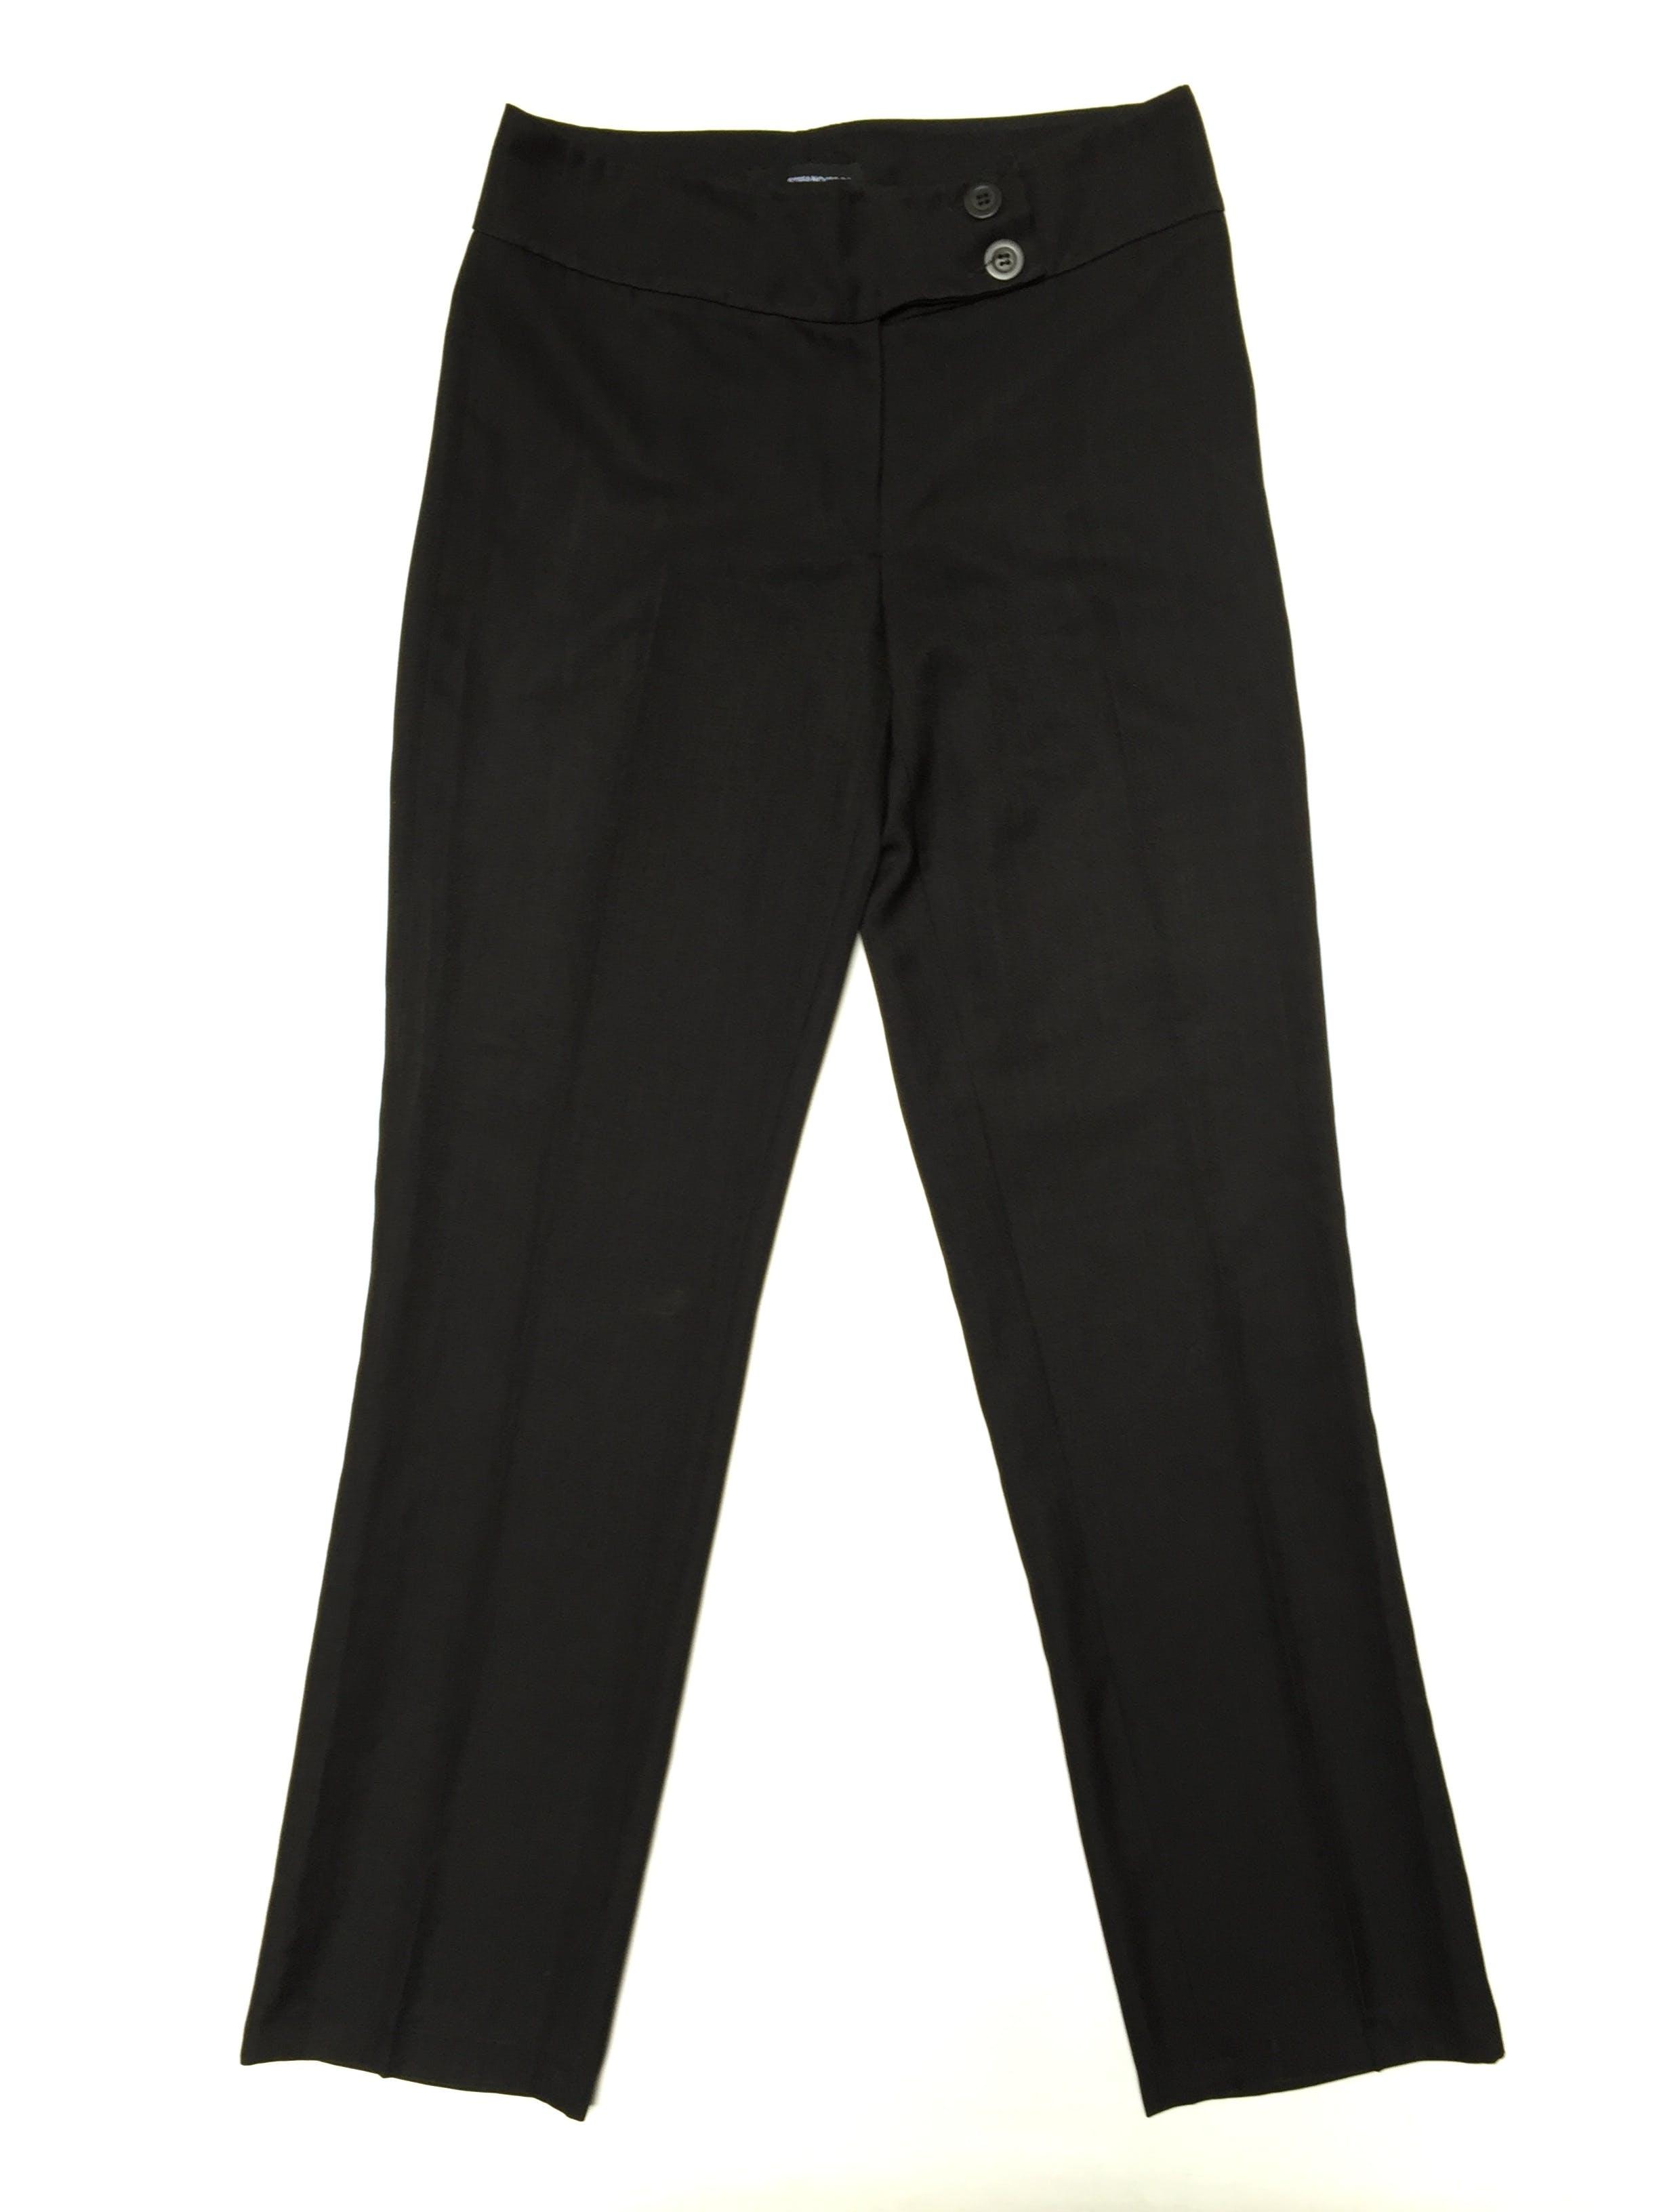 Pantalón gris tipo lanilla, a la cintura, forrado, corte recto, con doble botón en la pretina. Un básico! Talla 32